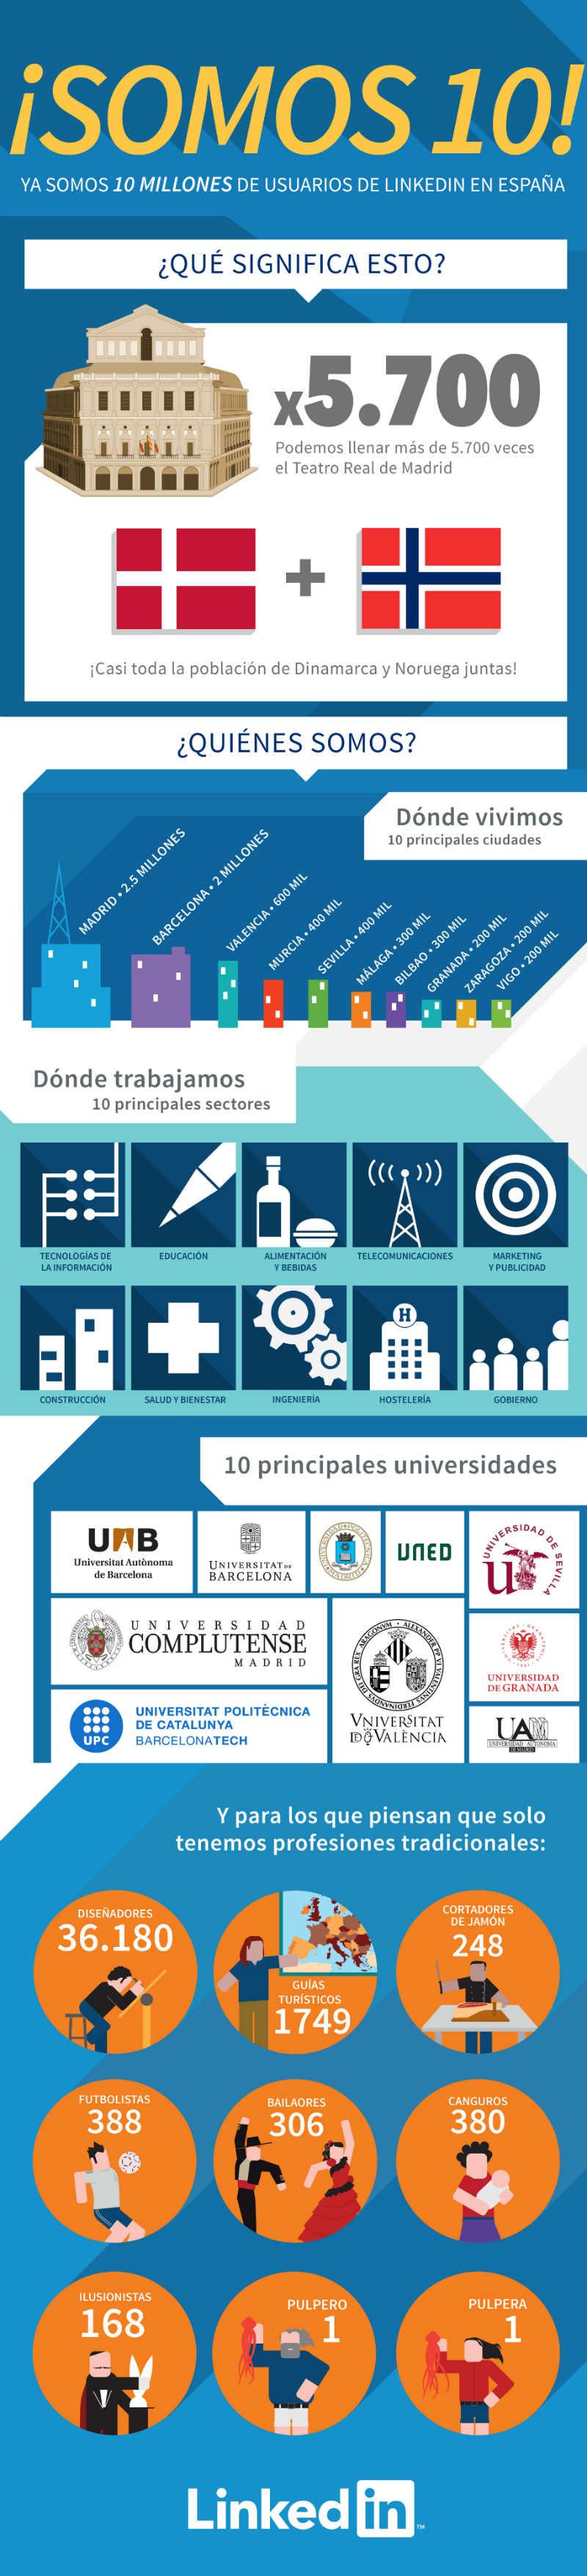 LinkedIn: Más de 10 millones de usuarios en España